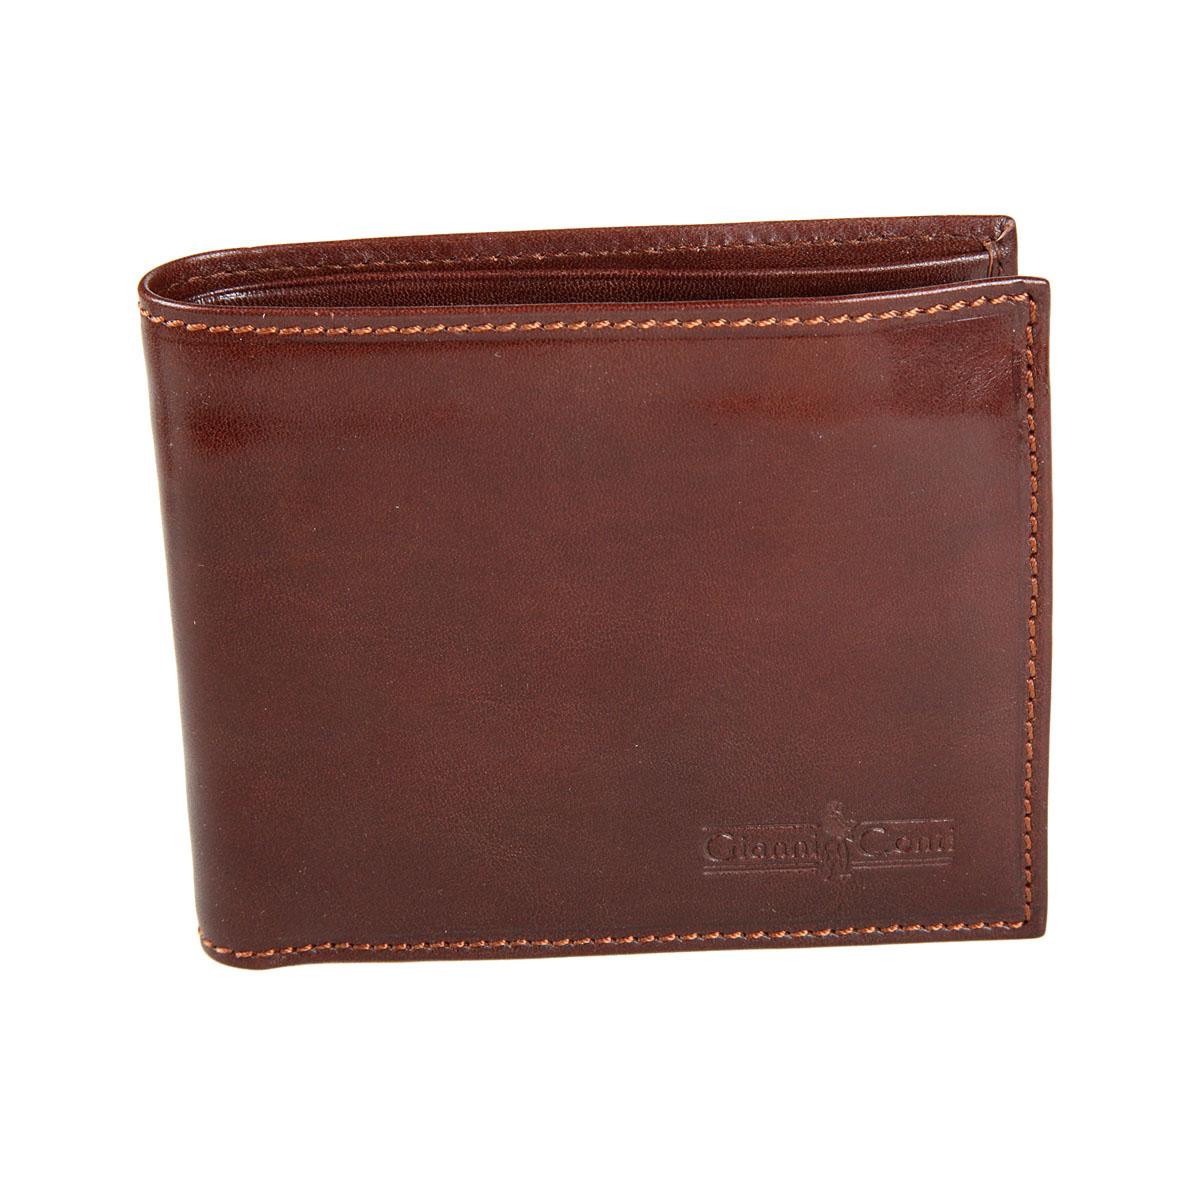 Портмоне мужское Gianni Conti, цвет: коричневый. 907023907023 brownСтильное мужское портмоне Gianni Conti выполнено из натуральной кожи. Лицевая сторона оформлена тиснением в виде названия бренда производителя. Изделие раскладывается пополам. Внутри имеется два отделения для купюр, четыре потайных кармана, карман для мелочи на кнопке, семь кармашков для визиток и пластиковых карт и сетчатый карман. Портмоне упаковано в фирменную картонную коробку. Оригинальное портмоне подчеркнет вашу индивидуальность и изысканный вкус, а также станет замечательным подарком человеку, ценящему качественные и практичные вещи.